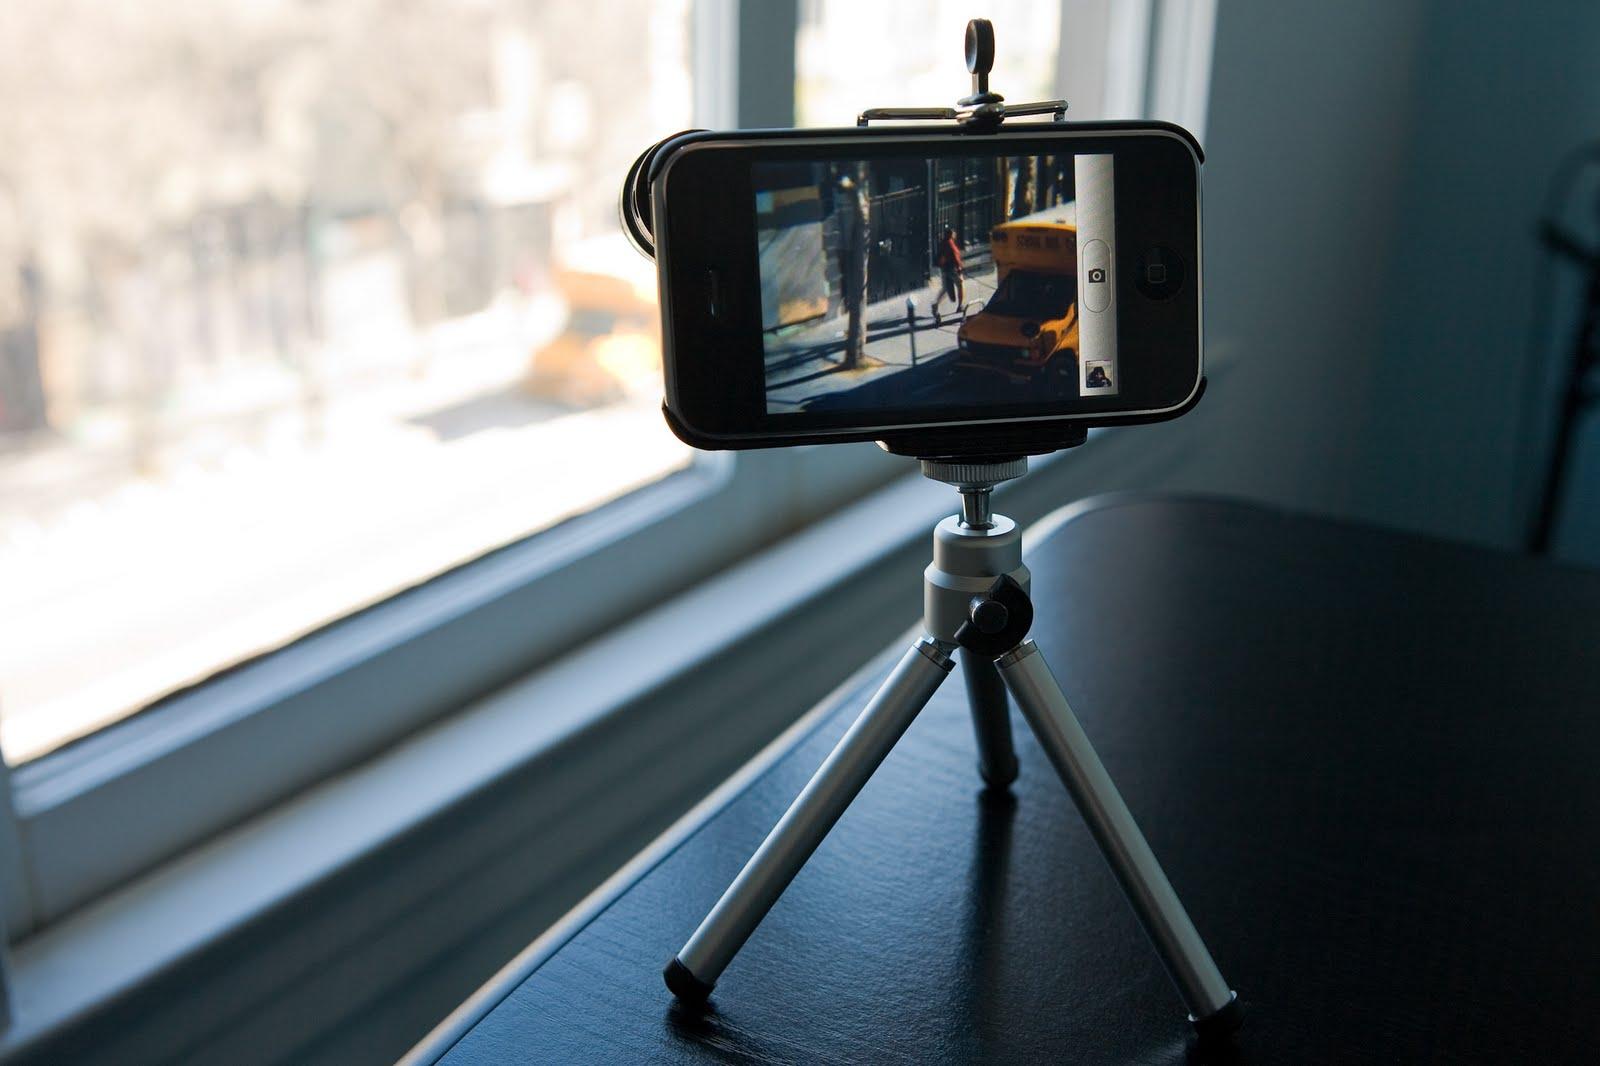 Ролик короткий для мобильного, Короткое видео - скачать порно на телефон андроид 2 фотография